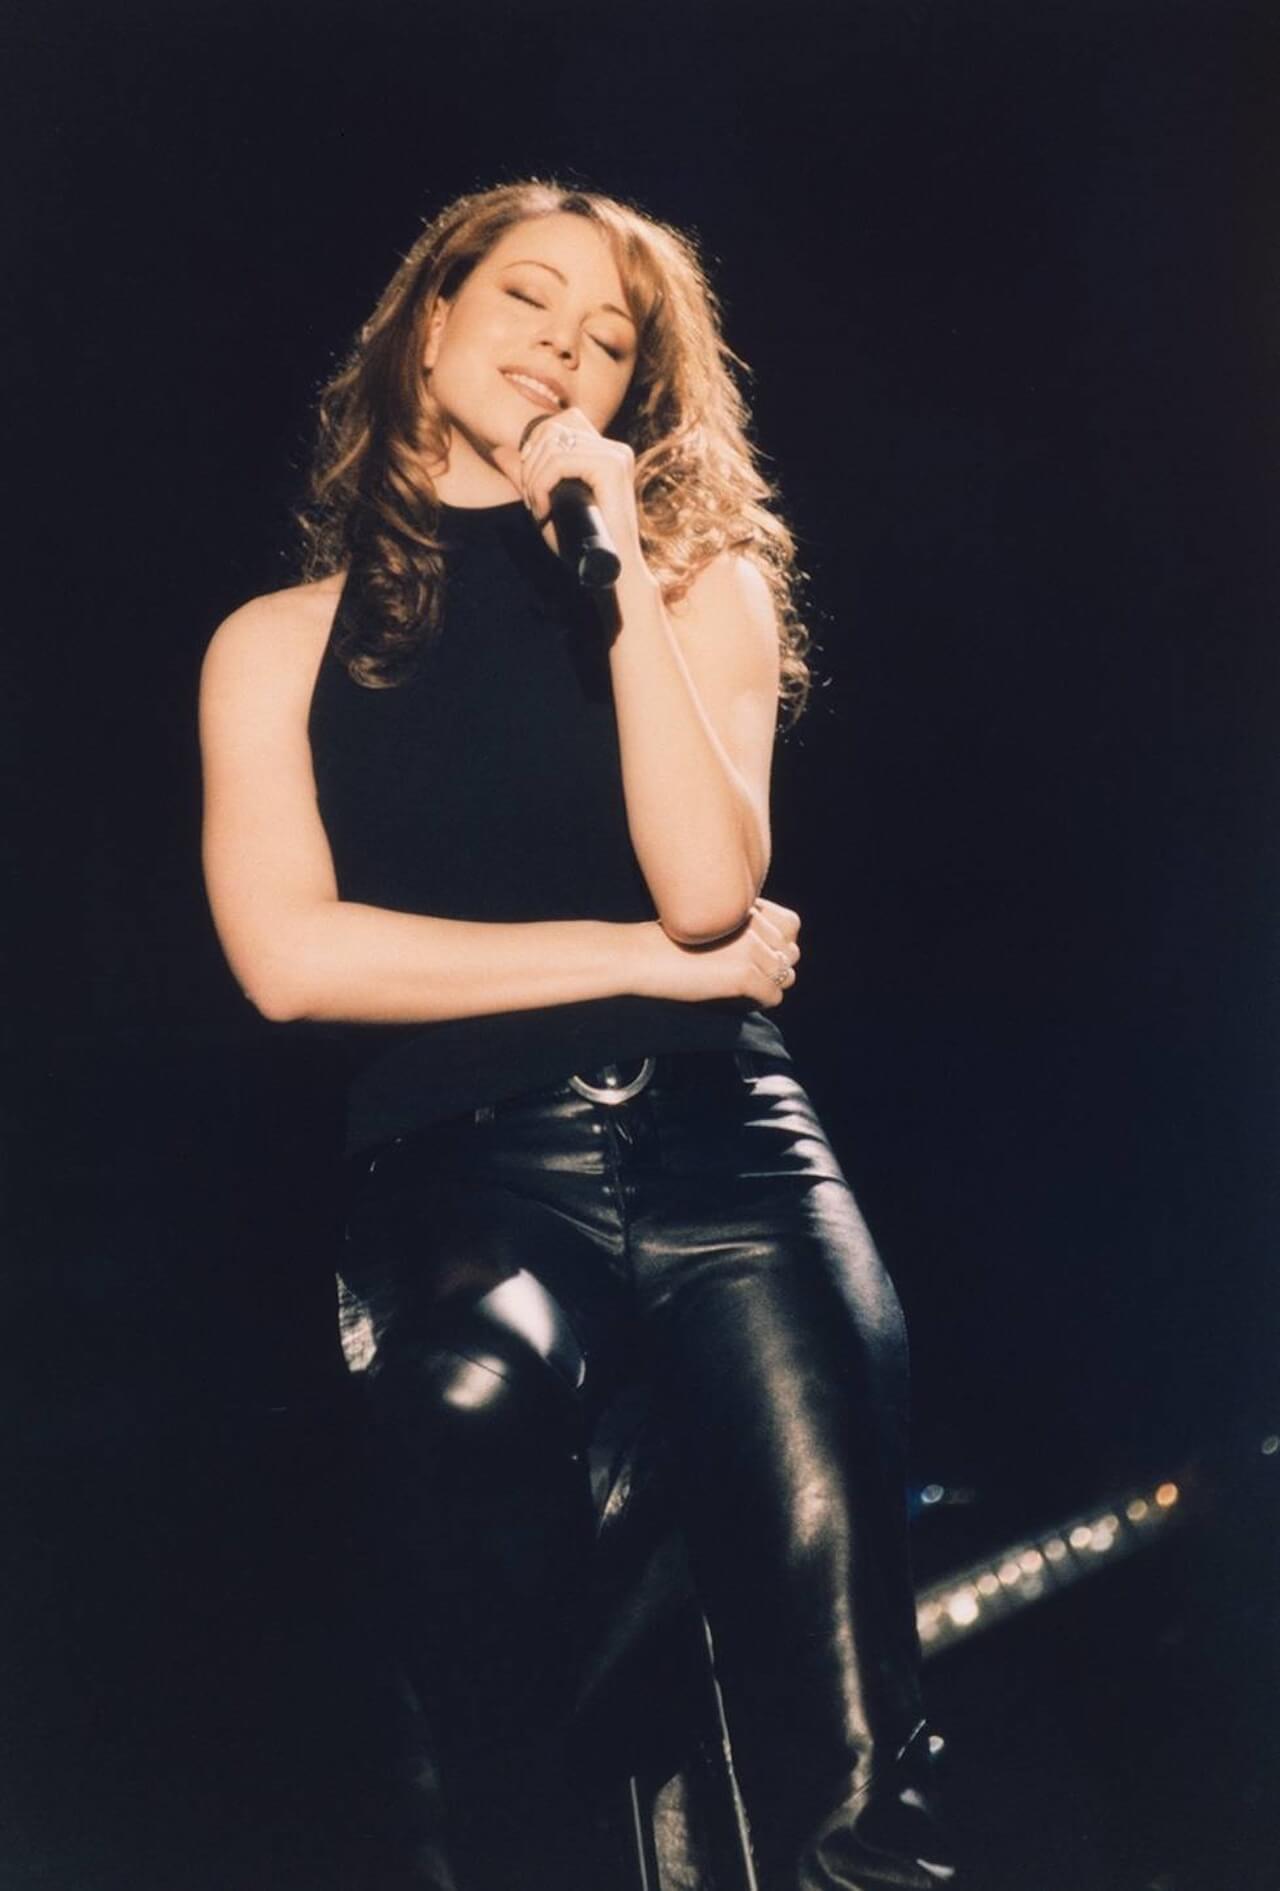 マライア・キャリー「恋人たちのクリスマス」が発売から25年を経て全米シングル・チャート初の1位を獲得|ホリデー・ソングがチャート首位を獲得するのは史上初 music191217-mariah-carey-3